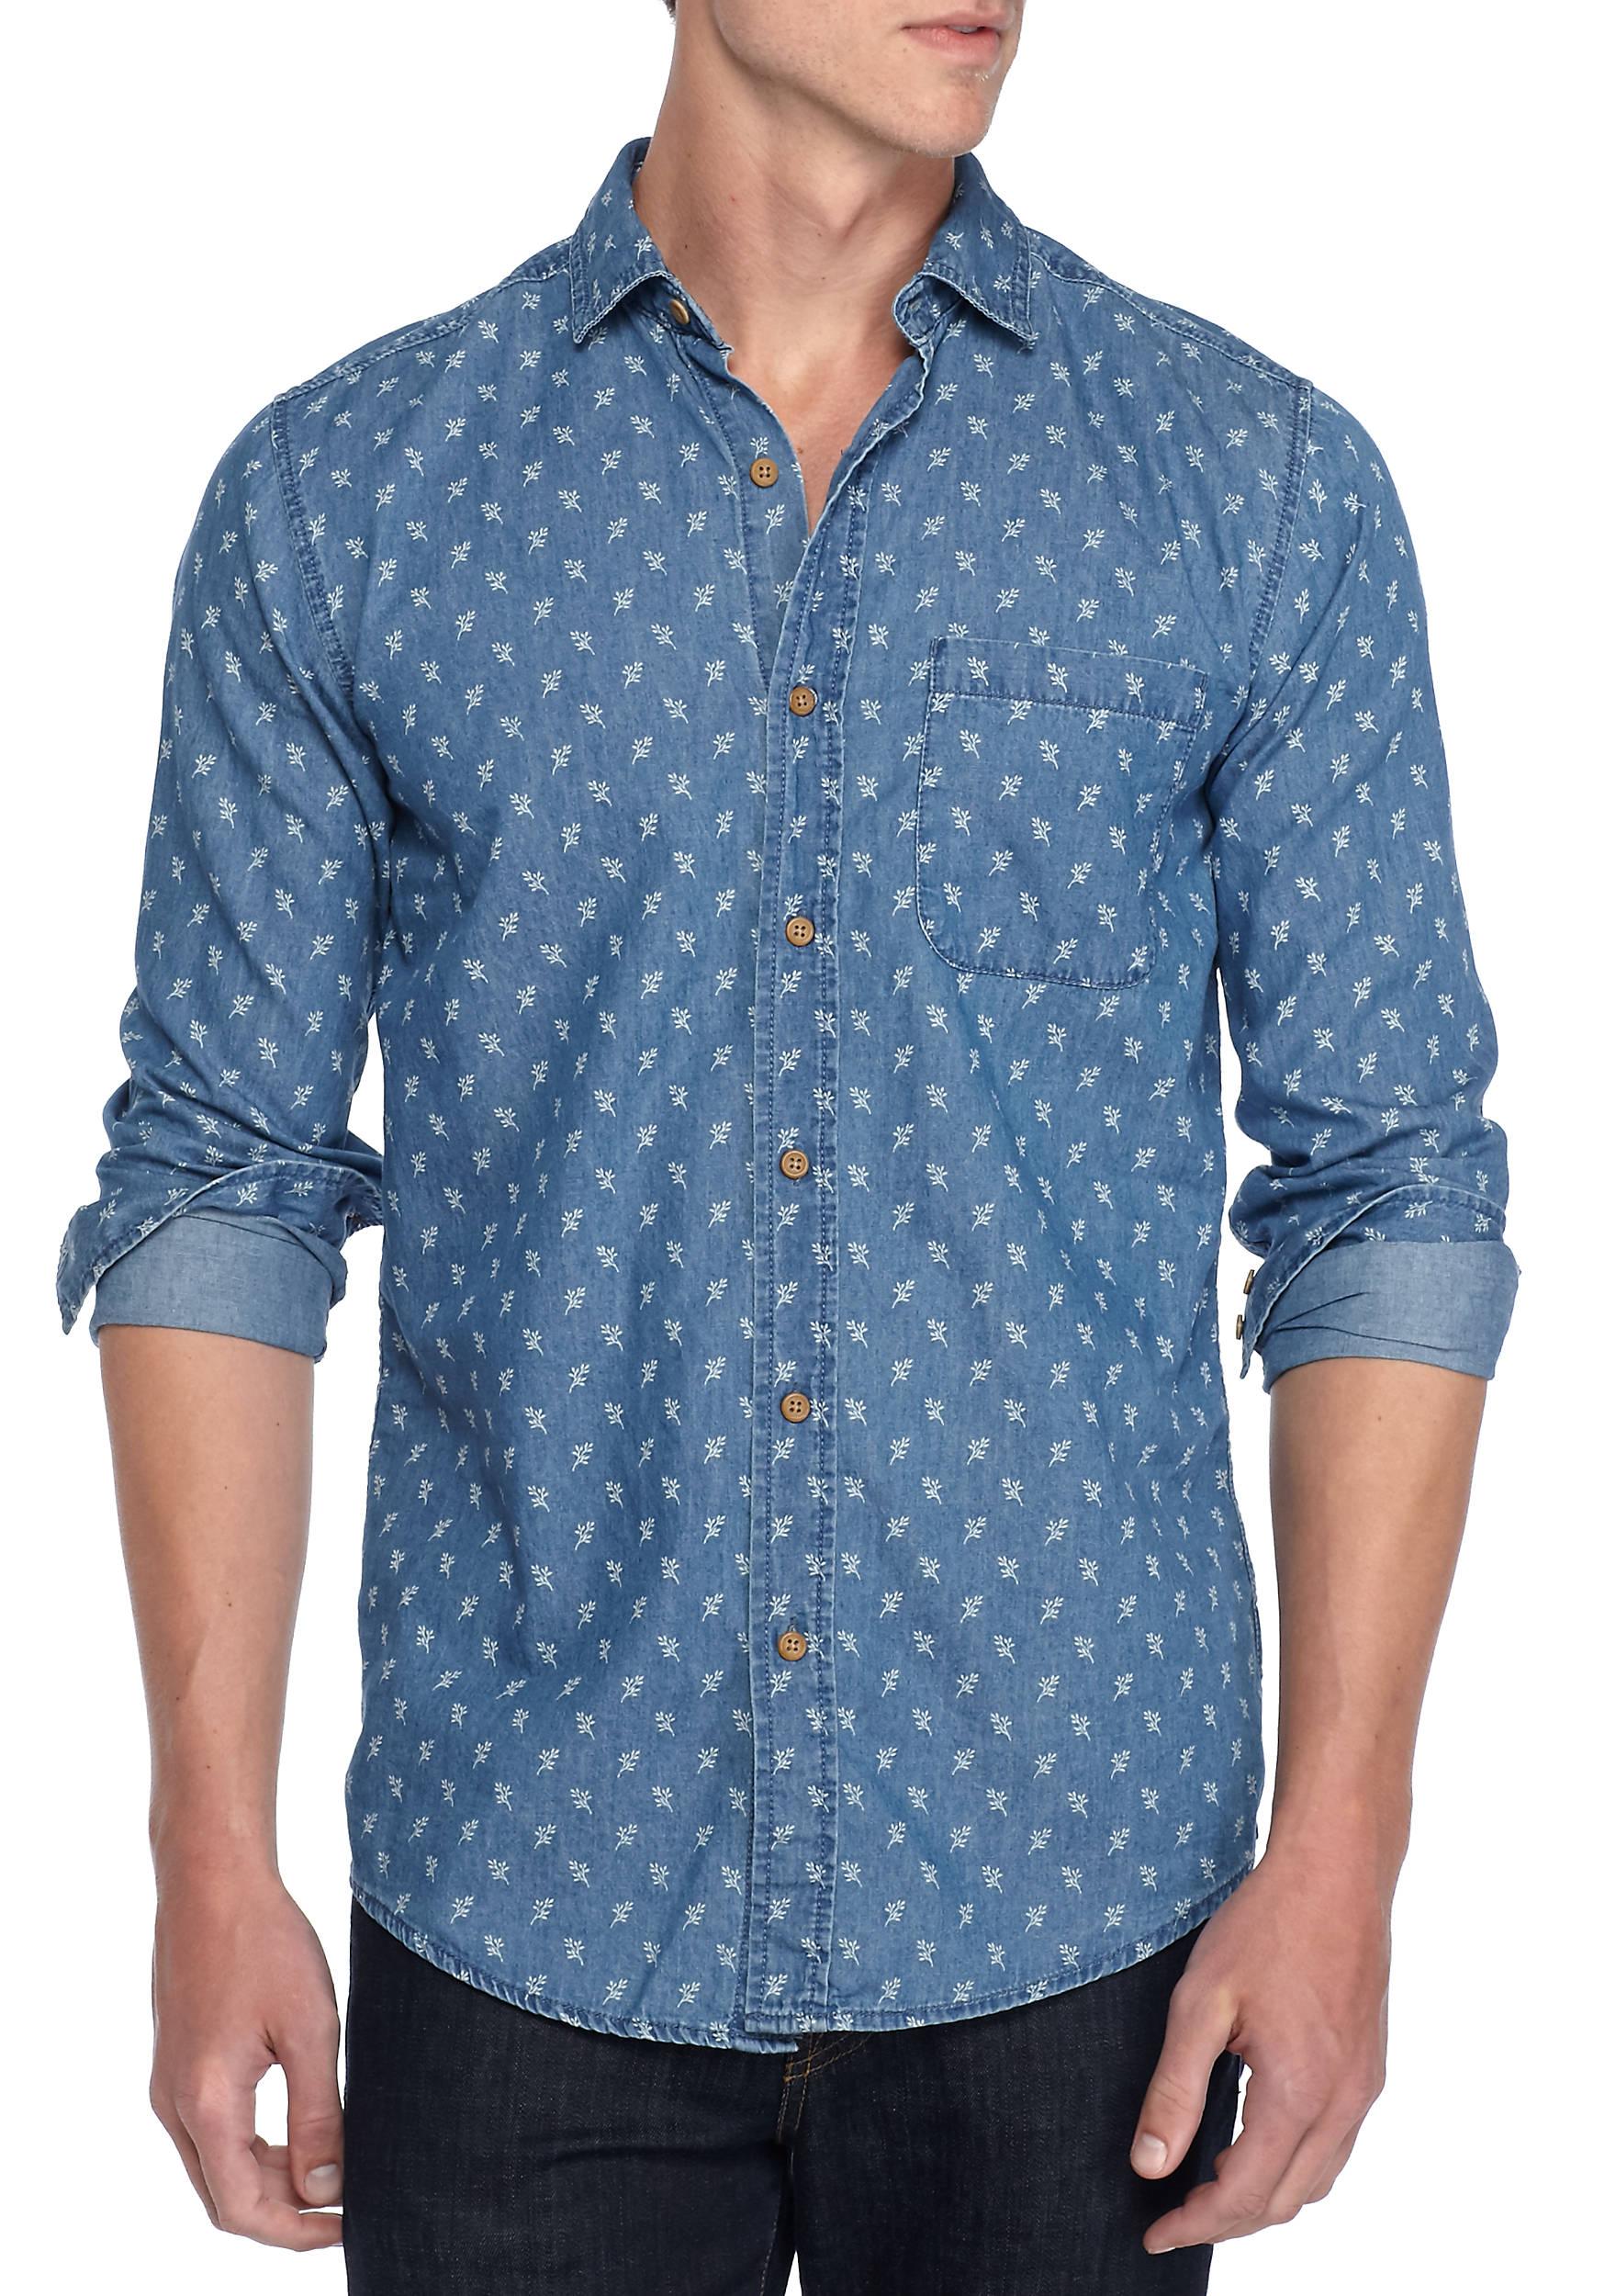 TRUE CRAFT Long Sleeve Chambray Branch Button-Up Shirt   belk